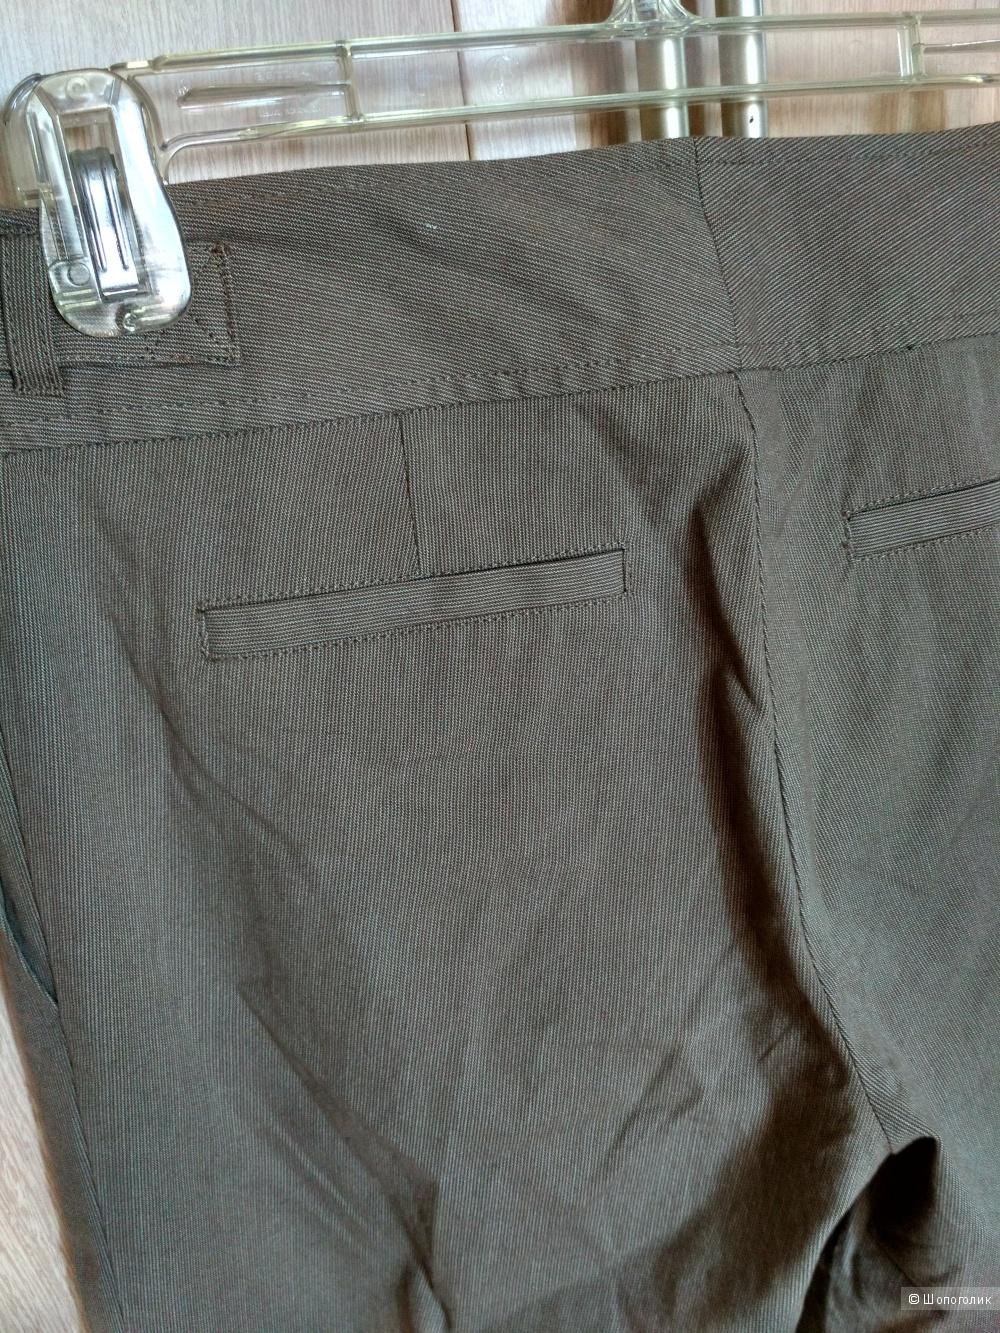 Х/б брюки Topshop, UK8